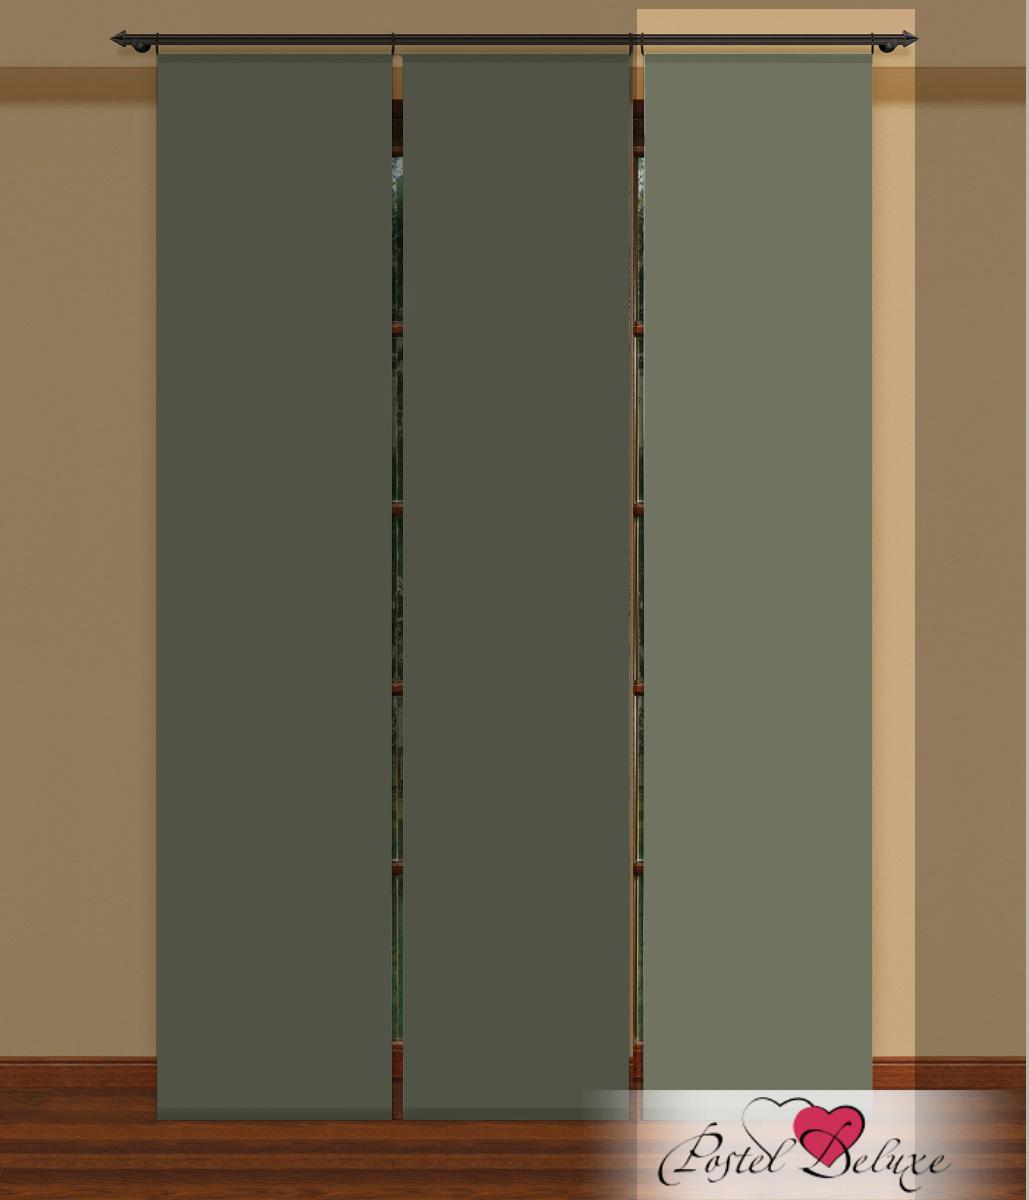 Шторы HaftШторы<br>ВНИМАНИЕ! Комплектация штор может отличаться от представленной на фотографии. Фактическая комплектация указана в описании изделия.<br><br>Производитель: Haft<br>Cтрана производства: Польша<br>Японские шторы<br>Материал гардины: Тюль<br>Размер гардины: 50х250 см (1 шт.)<br>Вид крепления: Лента<br>Рекомендуемая ширина карниза (см): 50-200<br><br>Максимальный размер карниза, указанный в описании, предполагает, что Вы будете использовать 4 полотна на одно окно. Обратите внимание на информацию о том, сколько полотен входит в данный комплект изначально. Зачастую шторы продаются по одному полотну, чтобы дать возможность подобрать изделия в желаемом цвете и стиле, создавая свое неповторимое сочетание.<br><br>Тип: шторы<br>Размерность комплекта: Японские шторы<br>Материал: Тюль<br>Размер наволочки: None<br>Подарочная упаковка: Японские шторы<br>Для детей: Японские шторы<br>Ткань: Тюль<br>Цвет: Серый